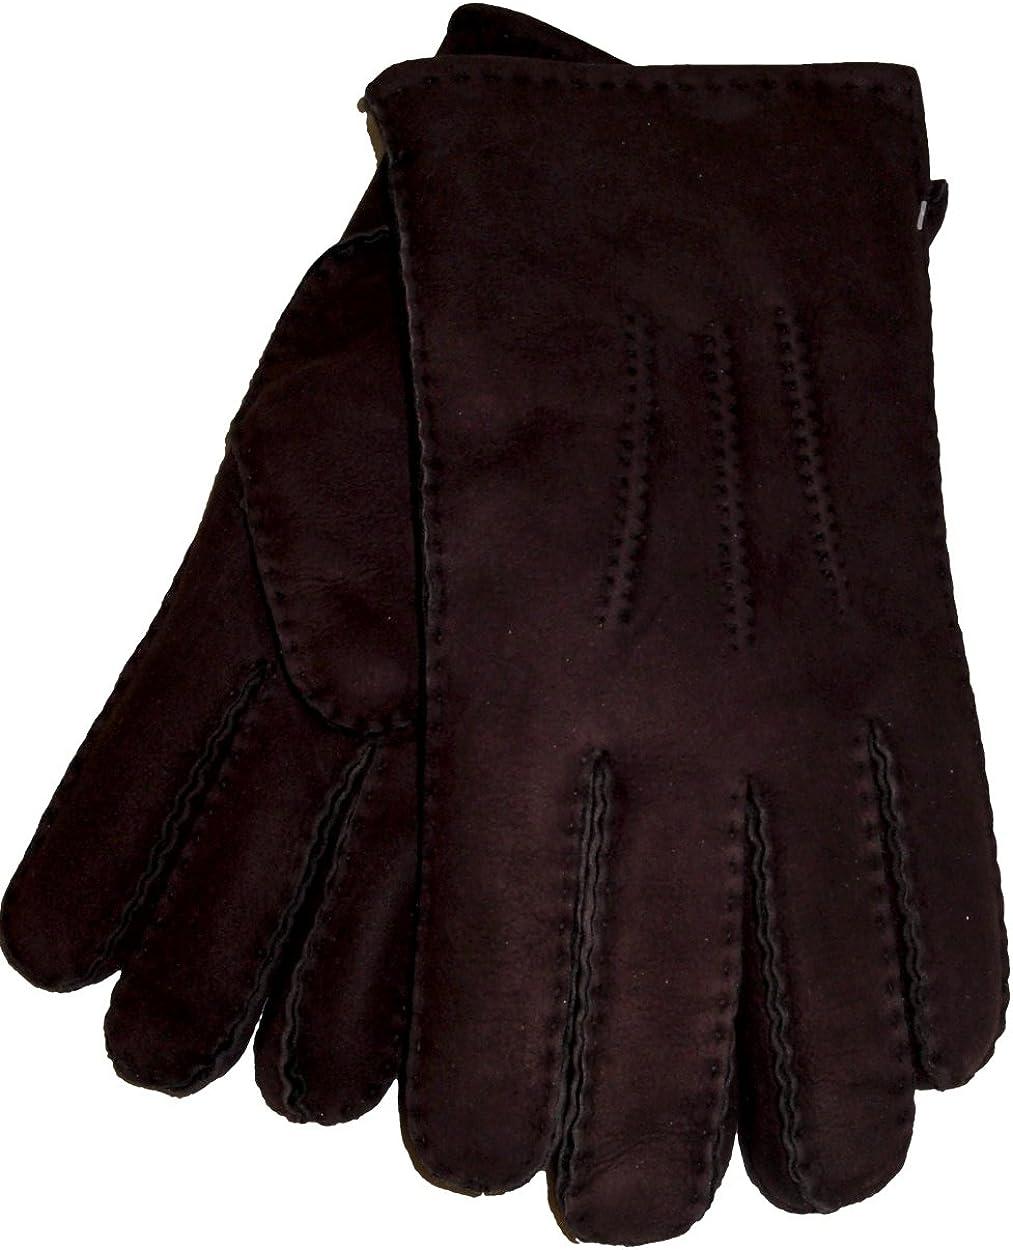 VillageShop Sheepskin Gloves